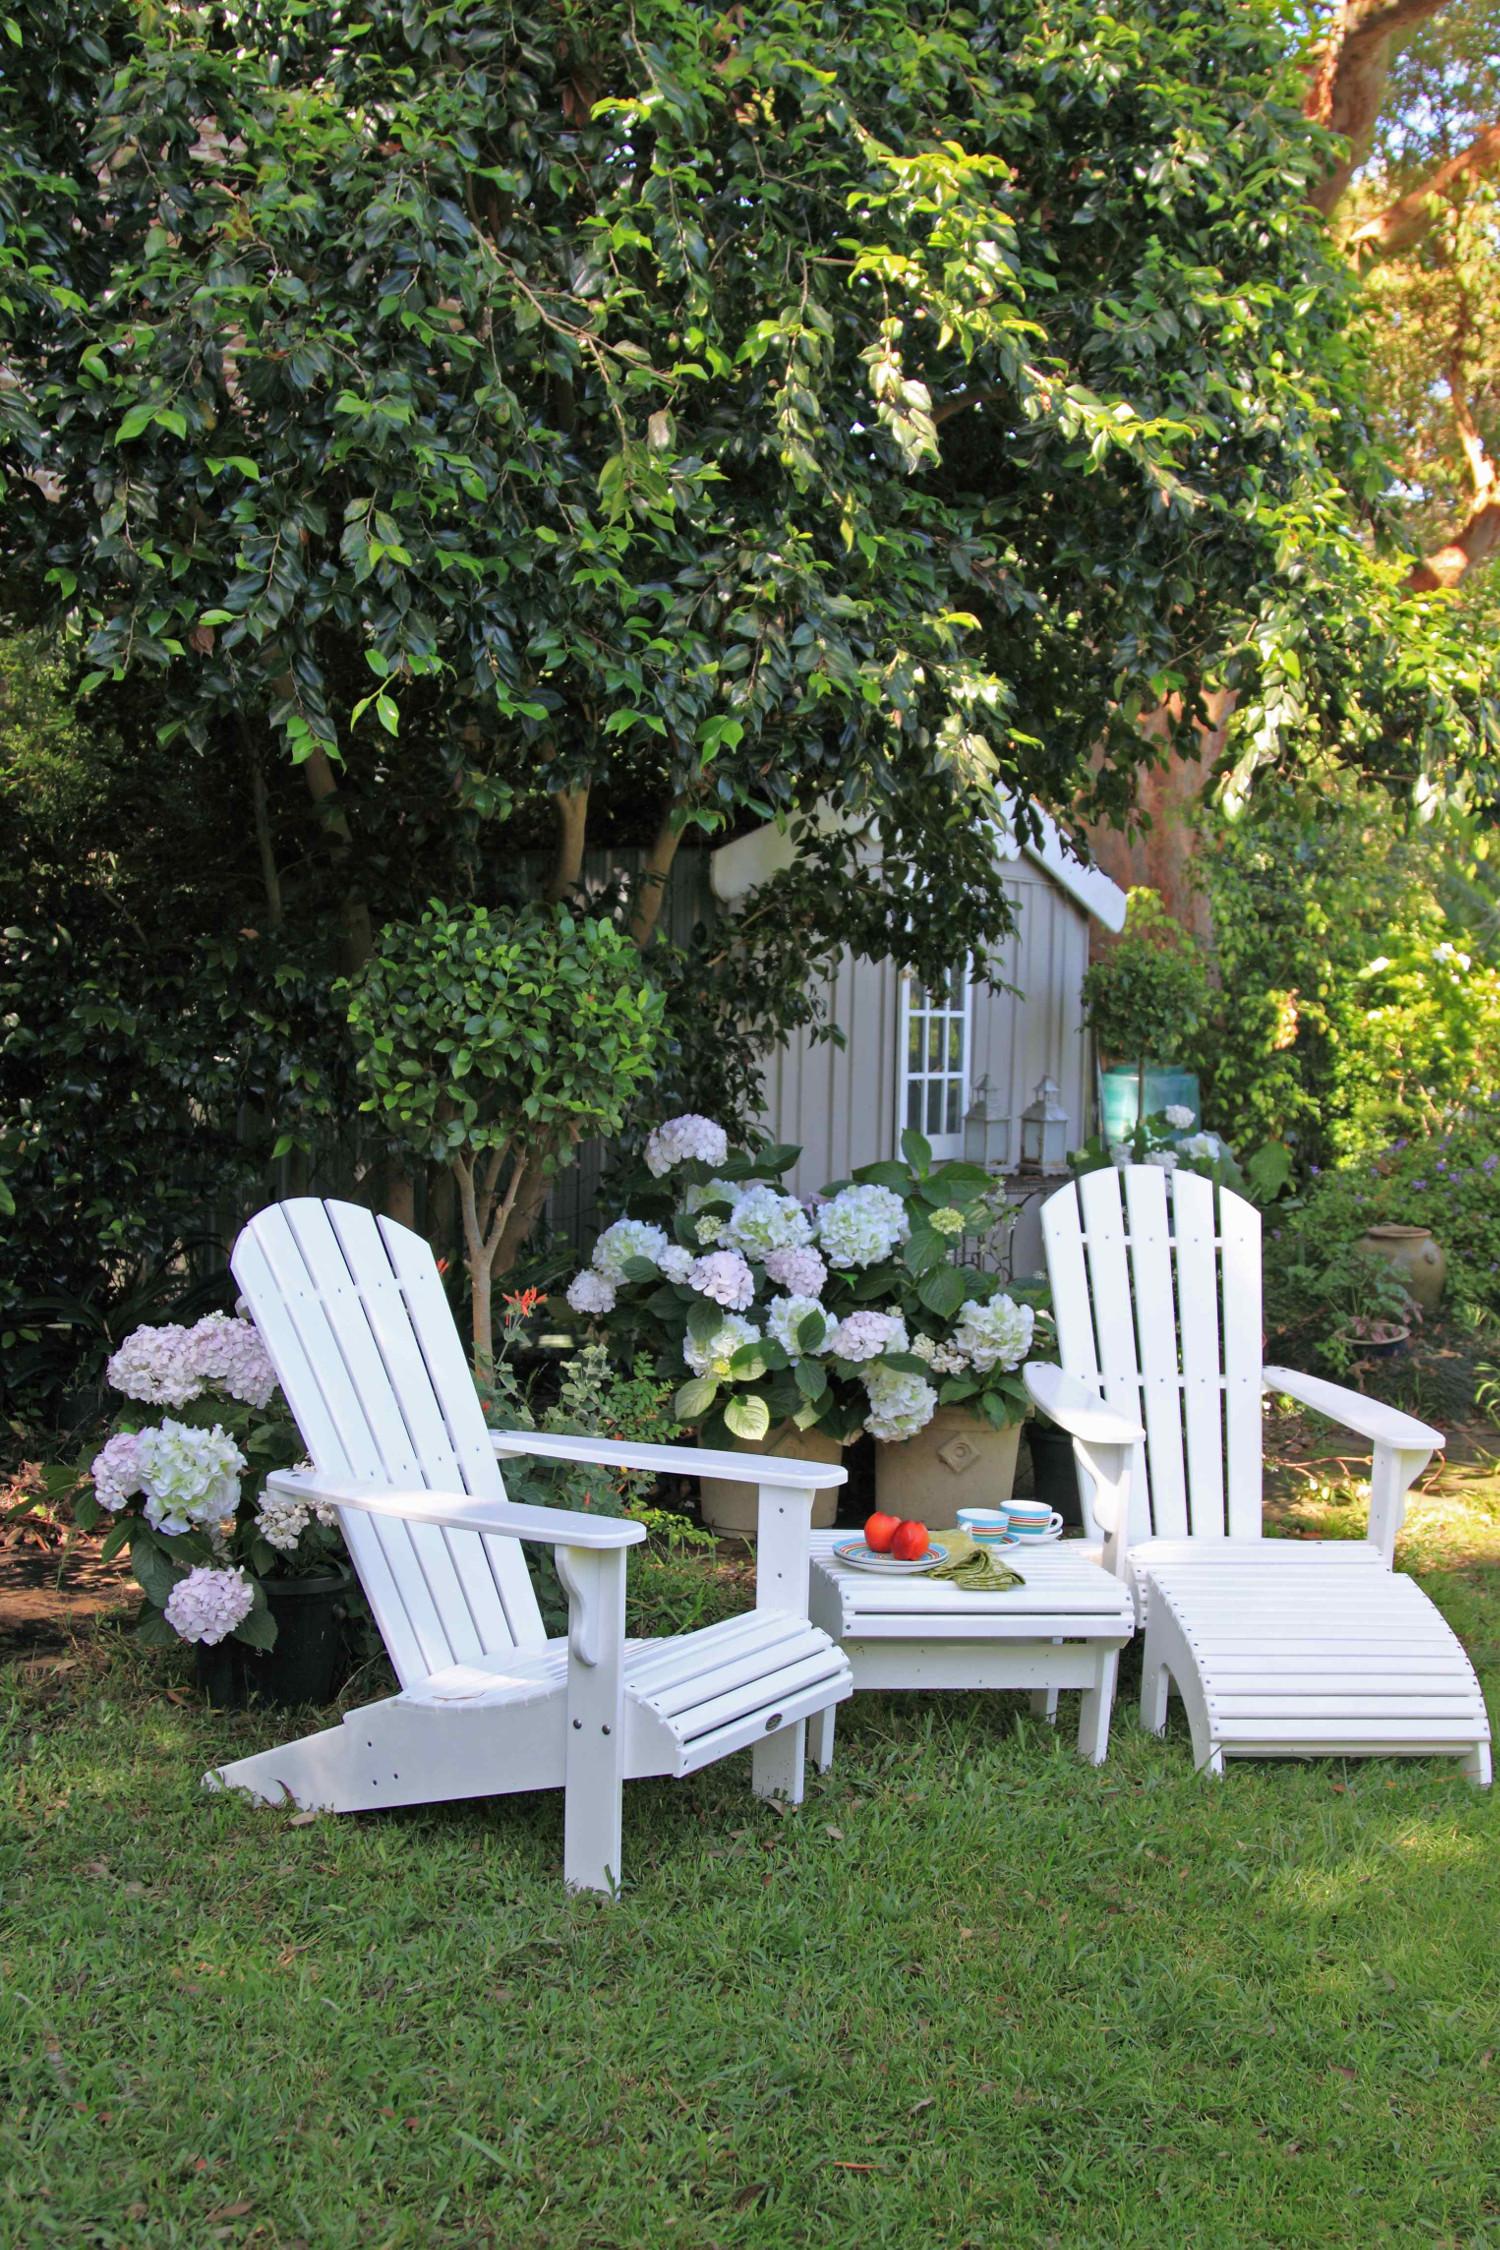 Adirondack chairs in garden